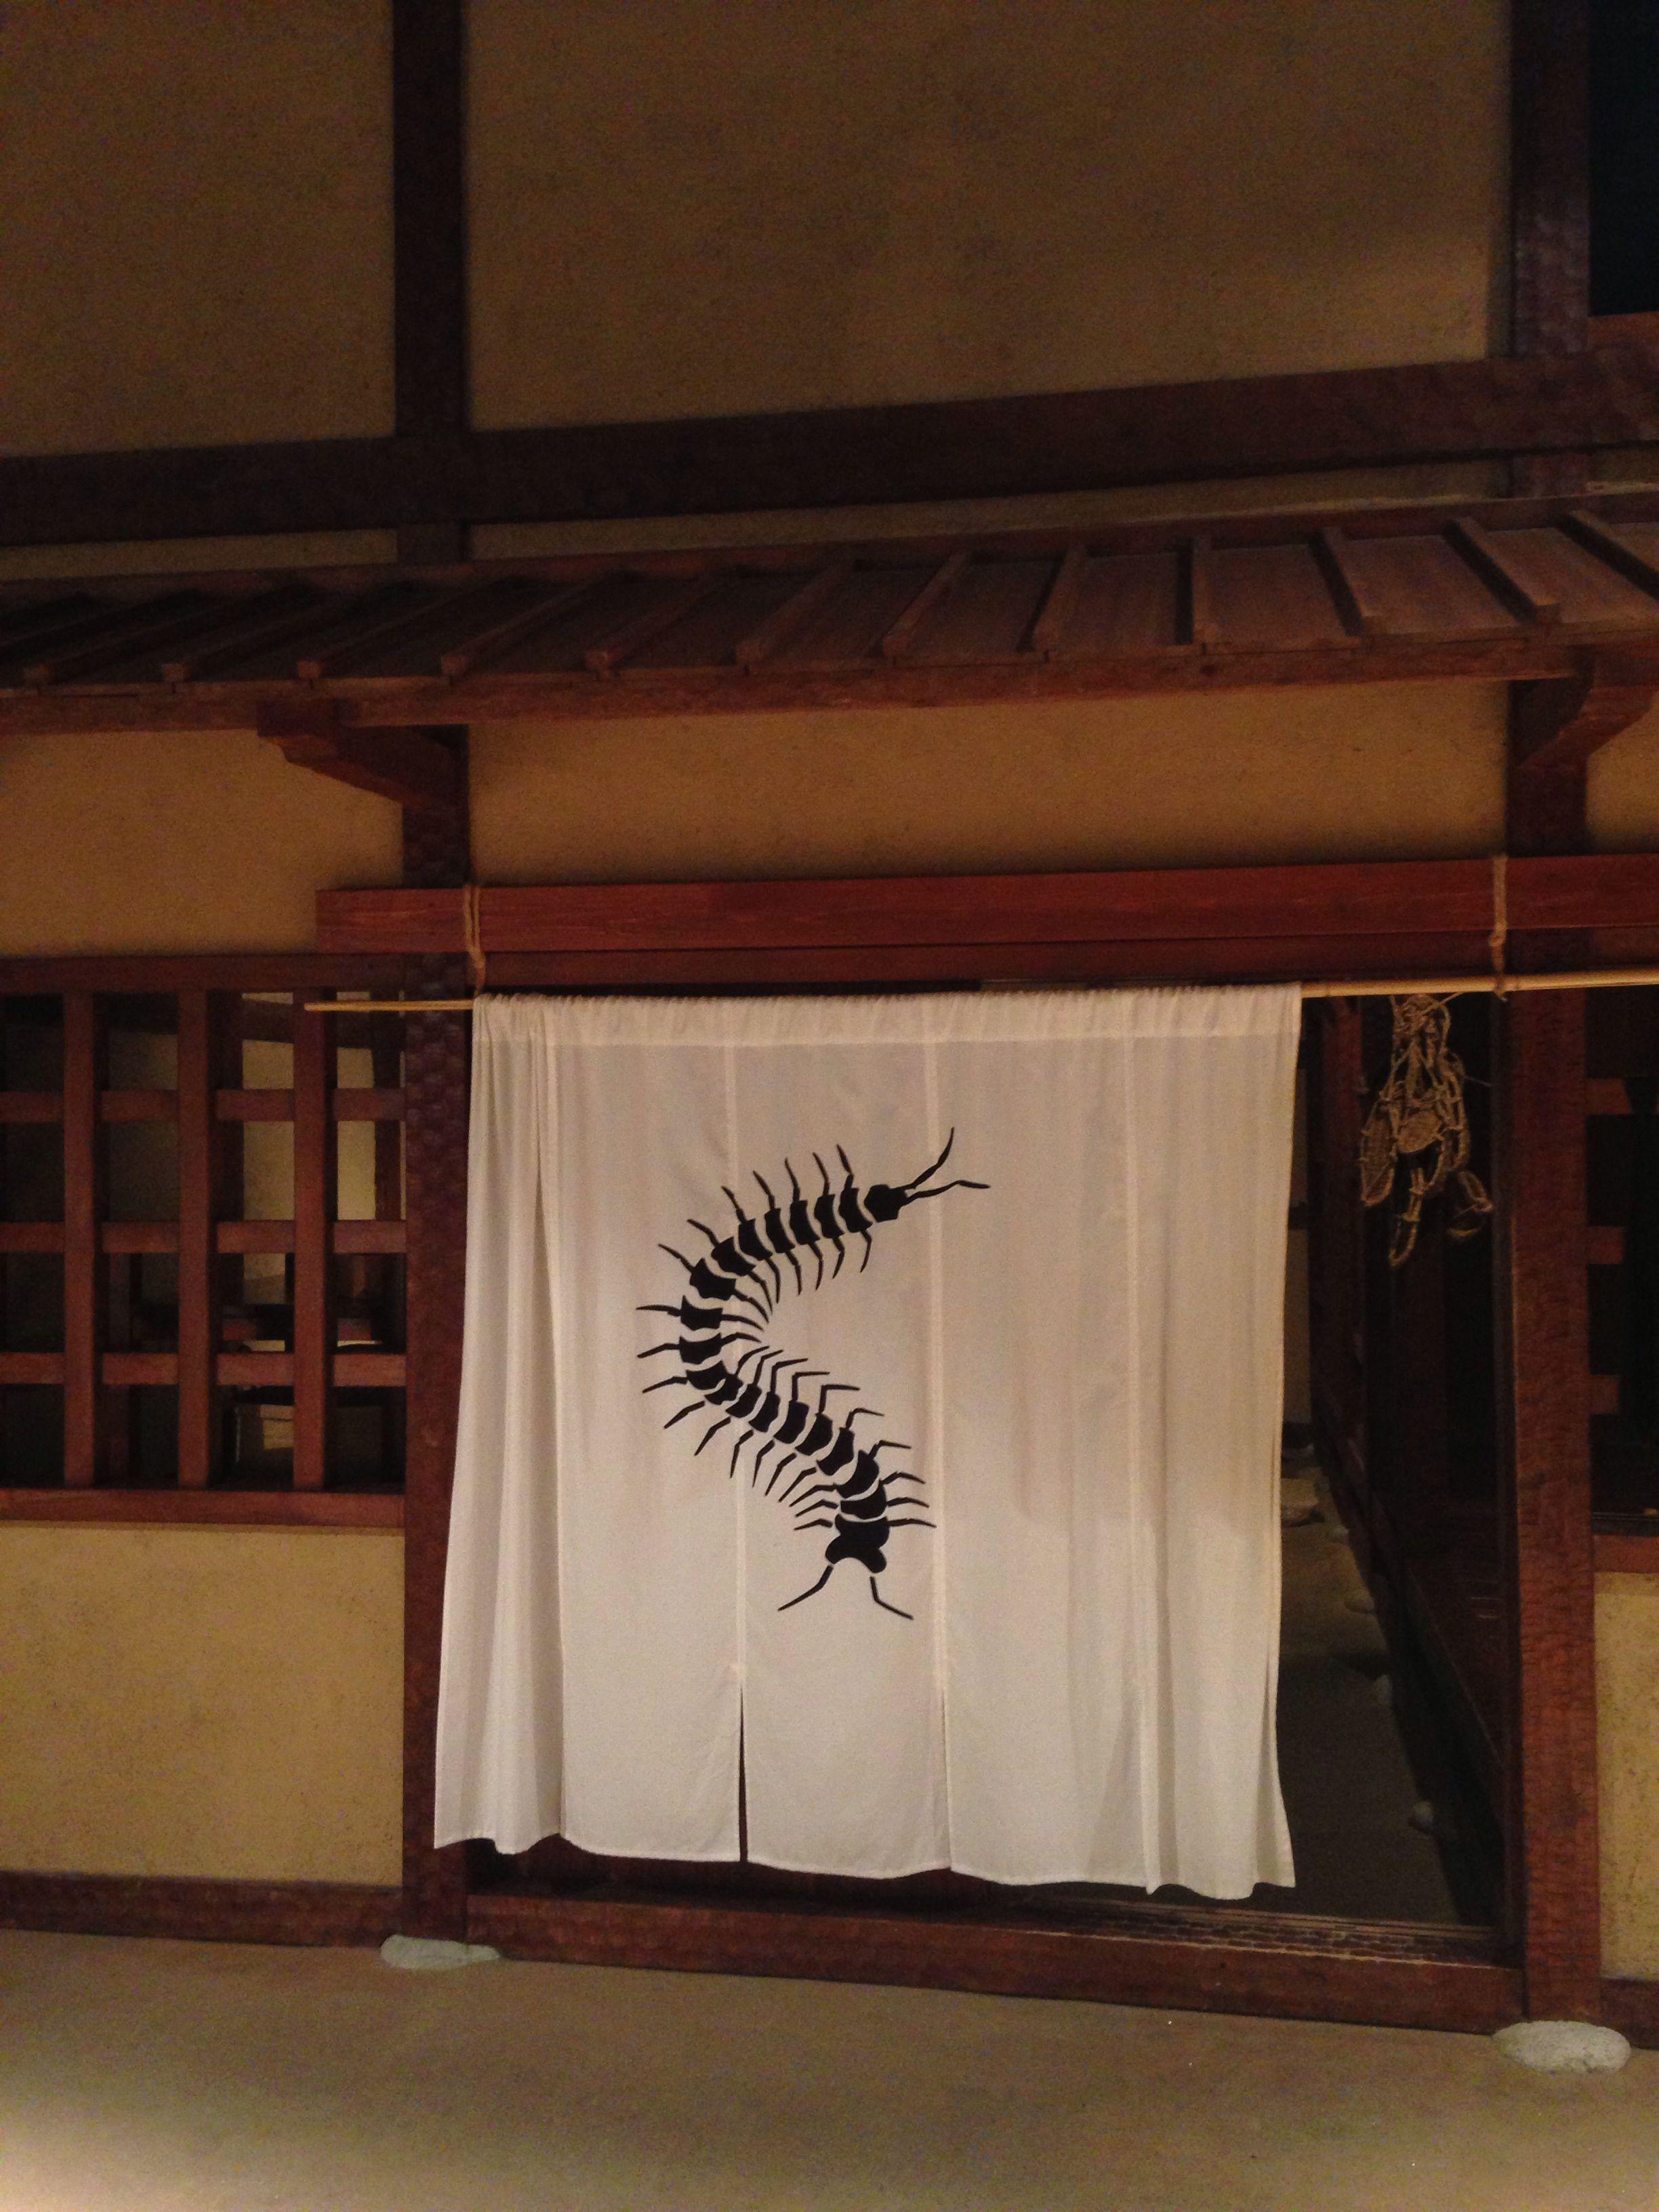 ムカデ暖簾 Centipede Noren のれん 暖簾 タペストリー